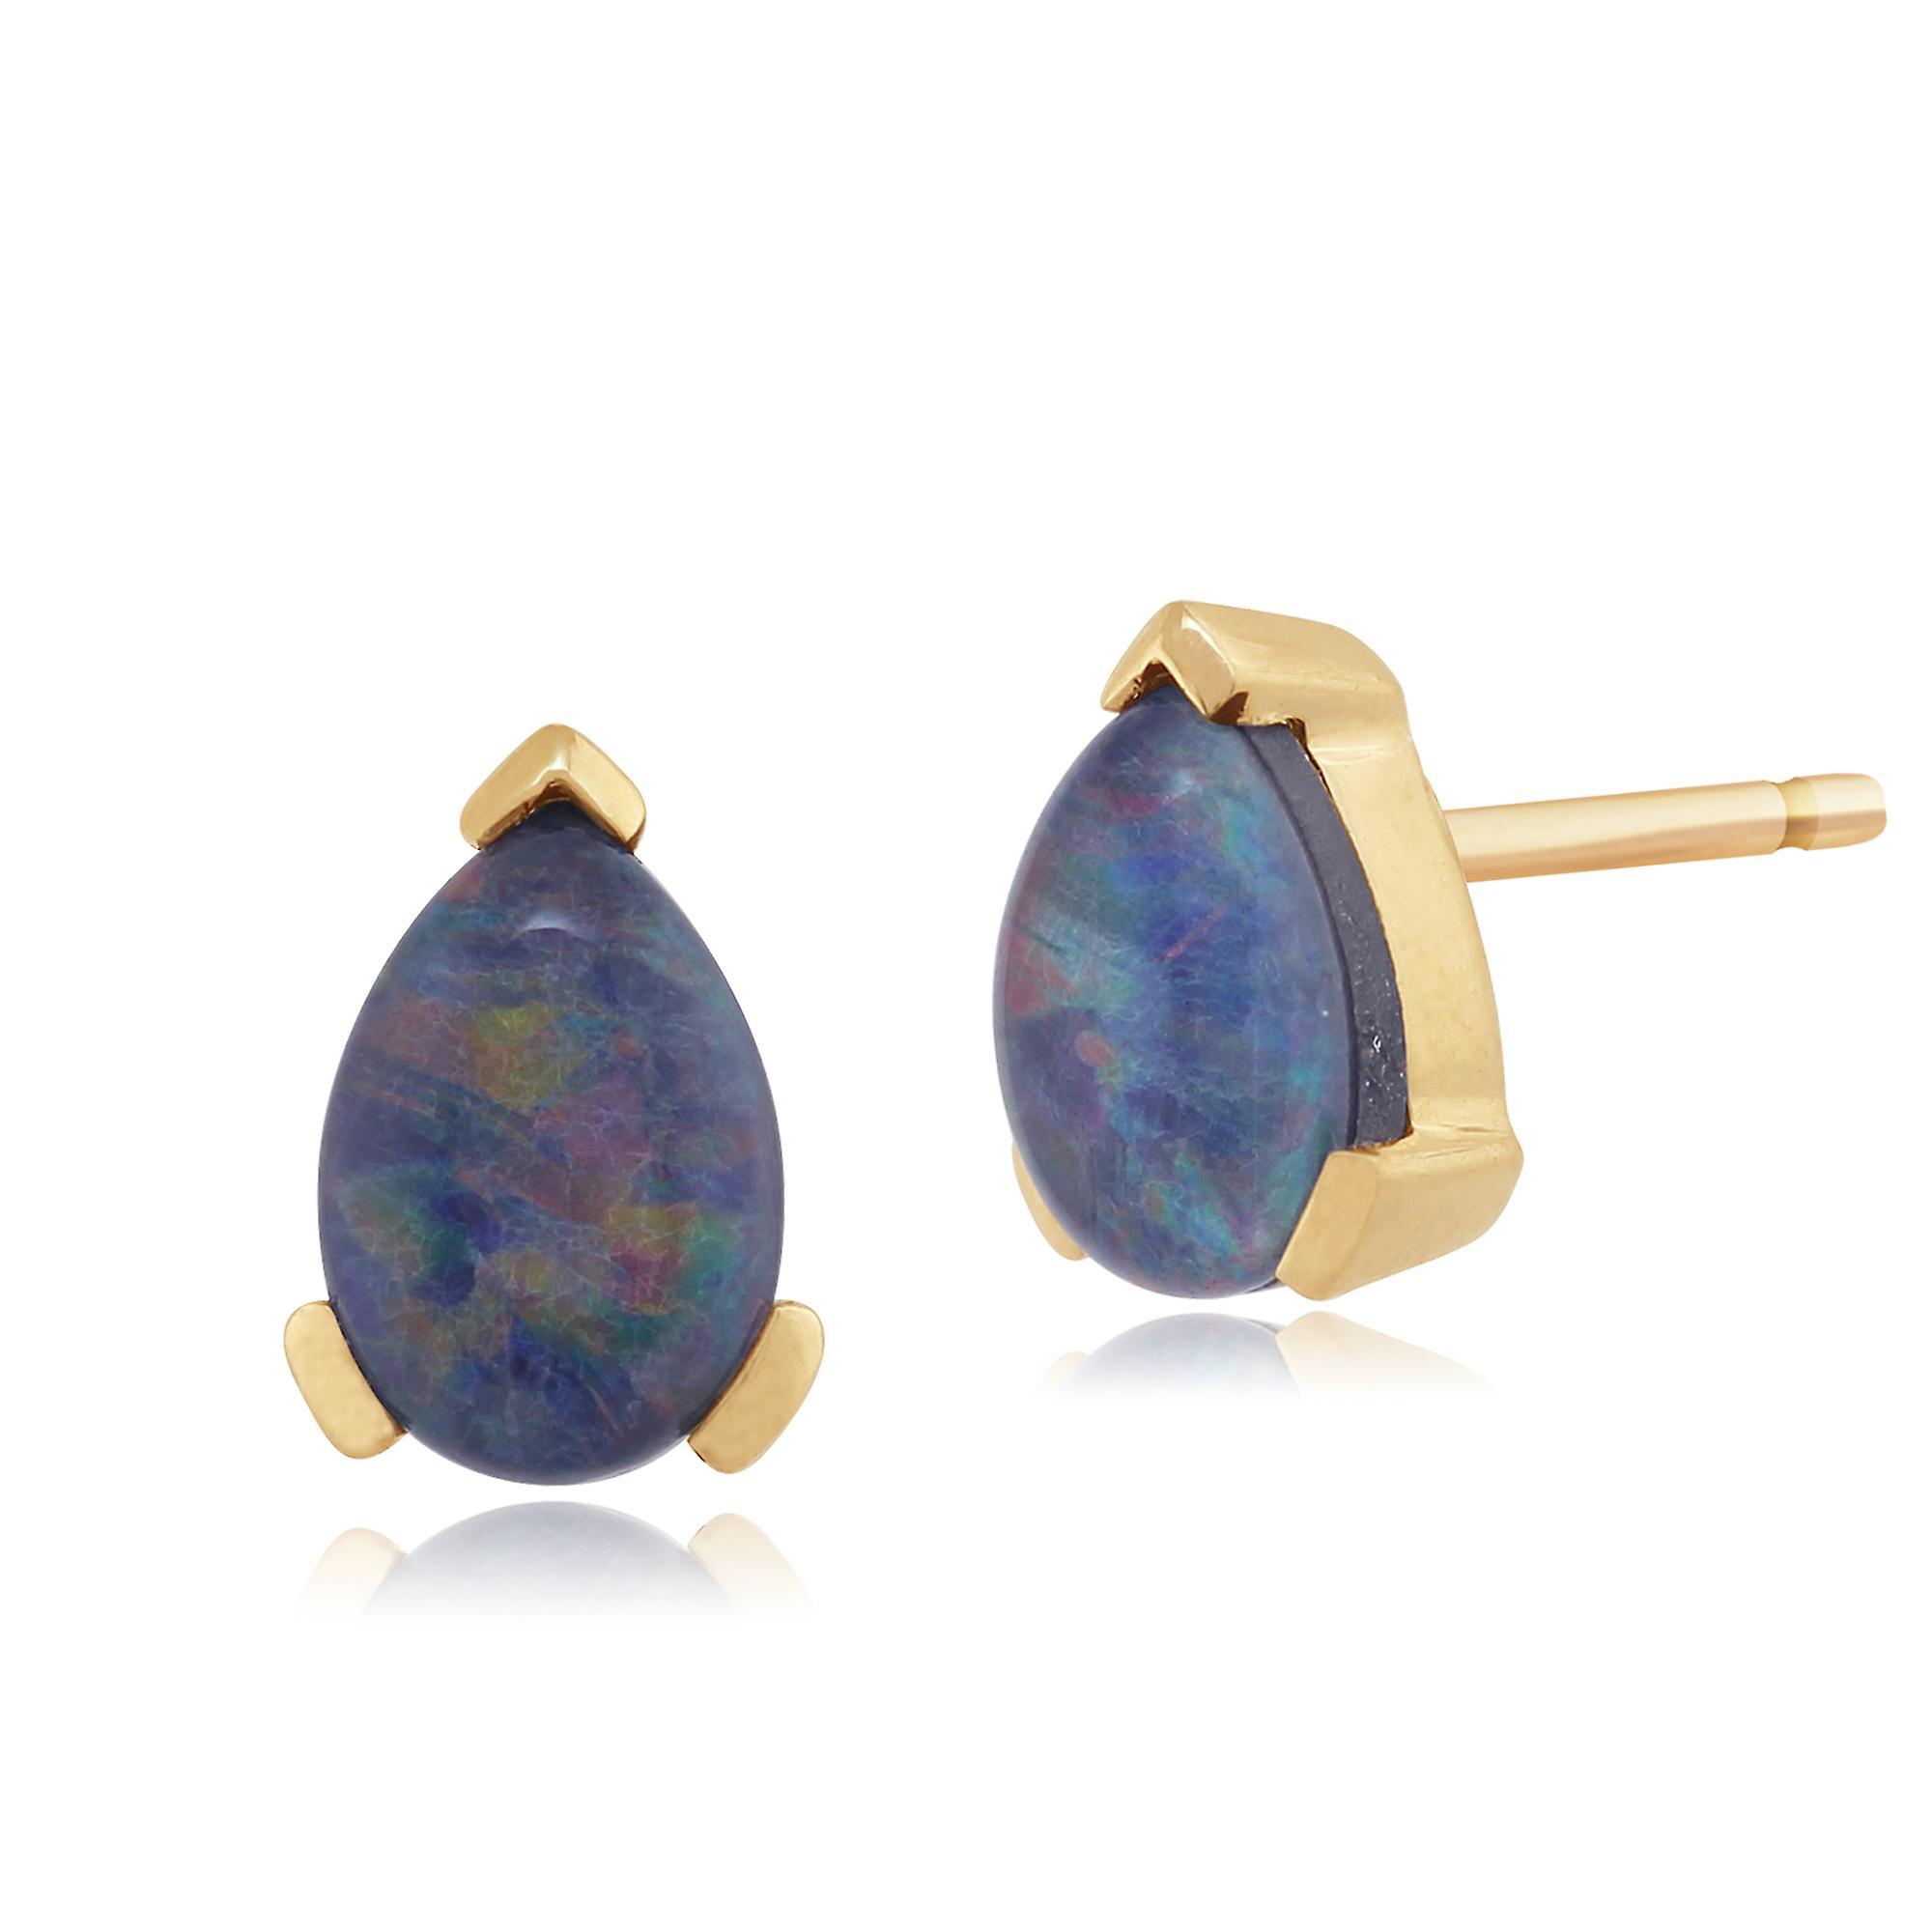 Gemondo 9ct Yellow Gold Triplet Opal Single Stone Pear Stud Earrings 6.5x4mm